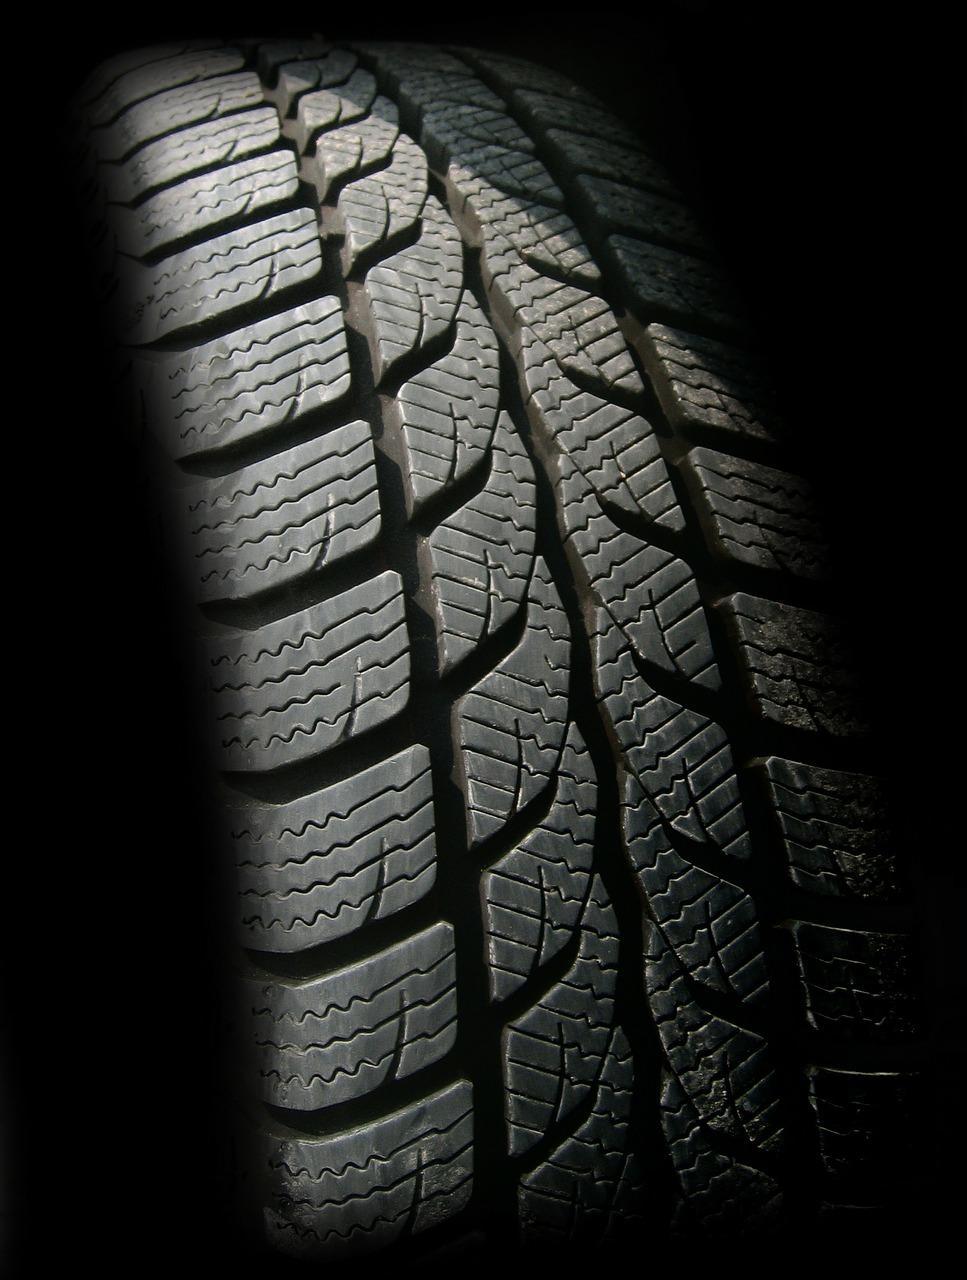 Bild Reifenprofil an Autoreifen